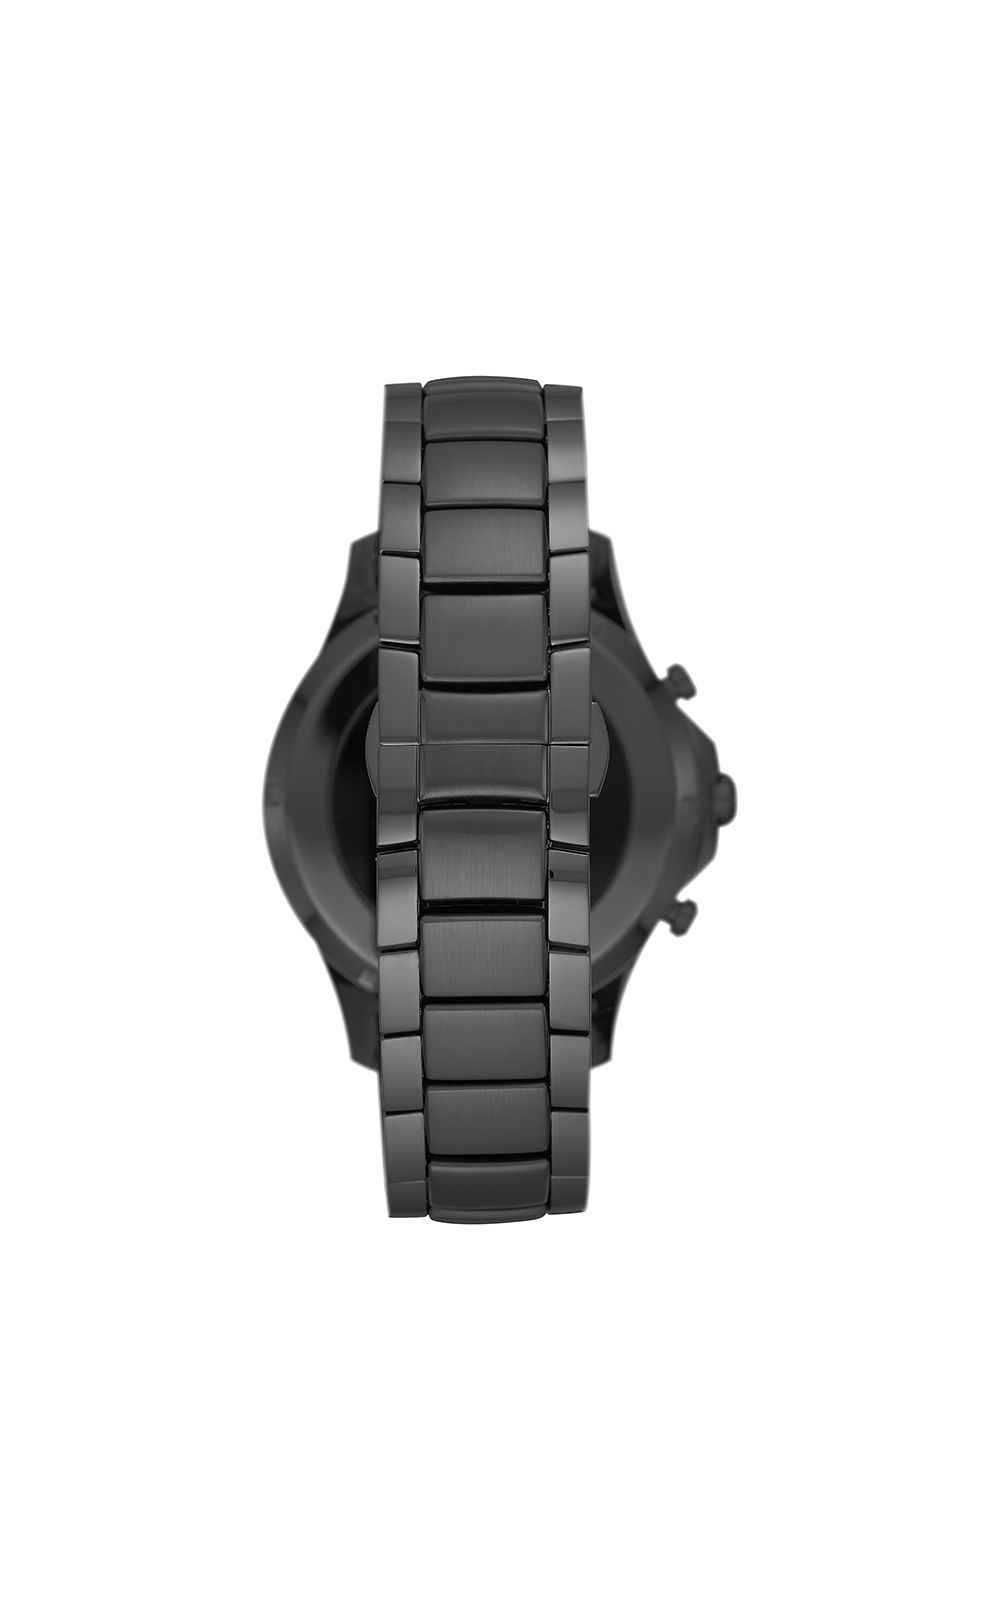 Foto 4 - Smartwatch Emporio Armani Masculino Grafite - ART5005/1FI